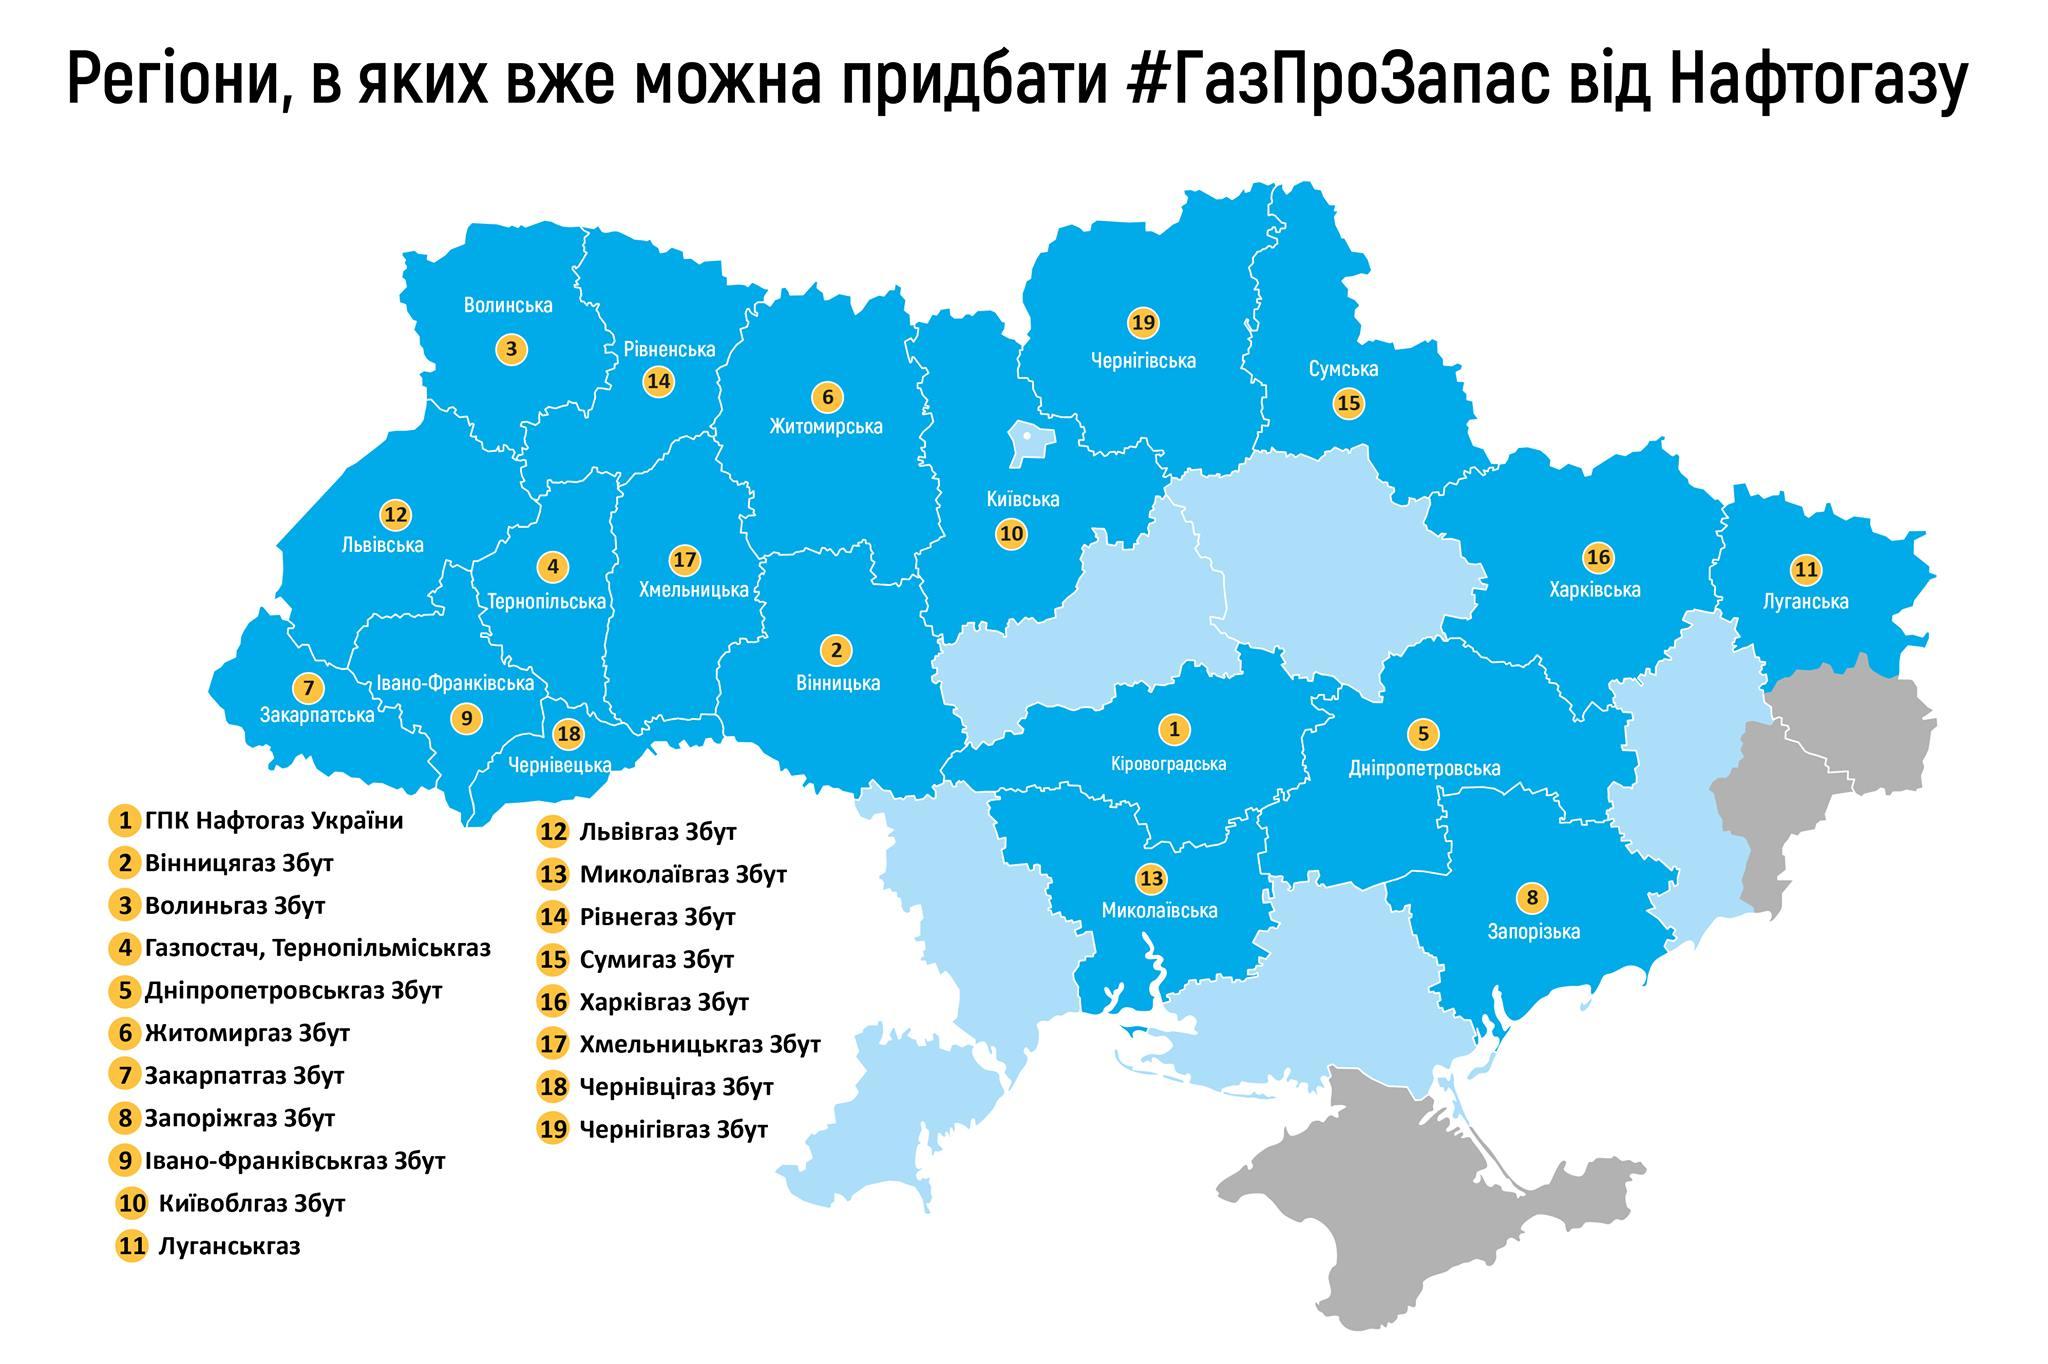 Регионы, в которых можно приобрести газ по летним ценам